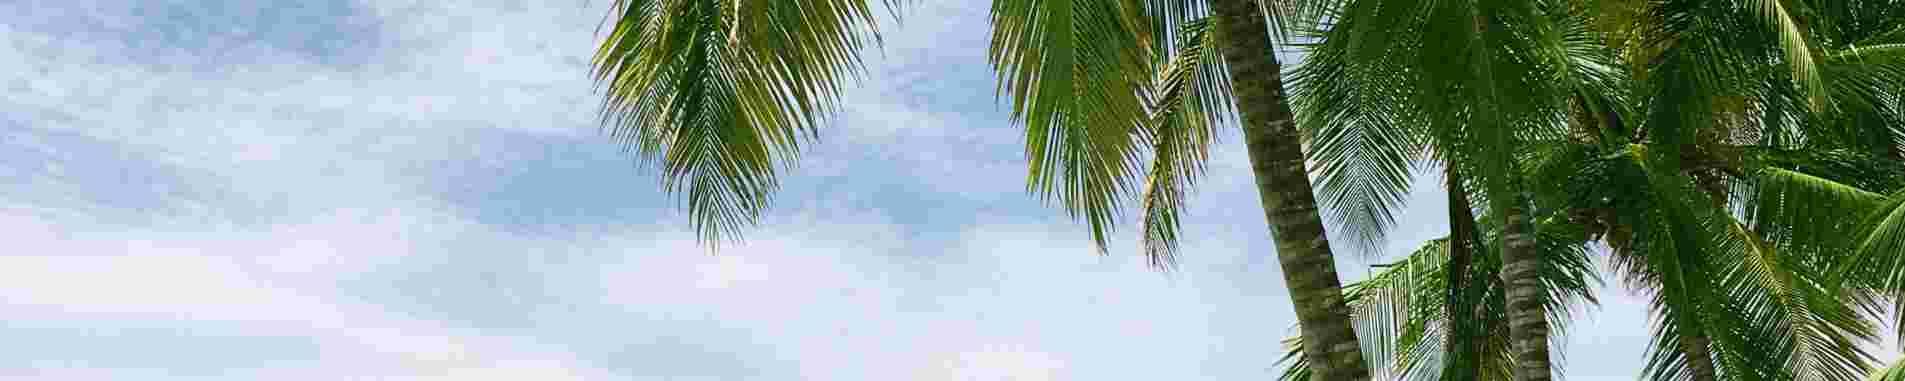 Island Escapes header image